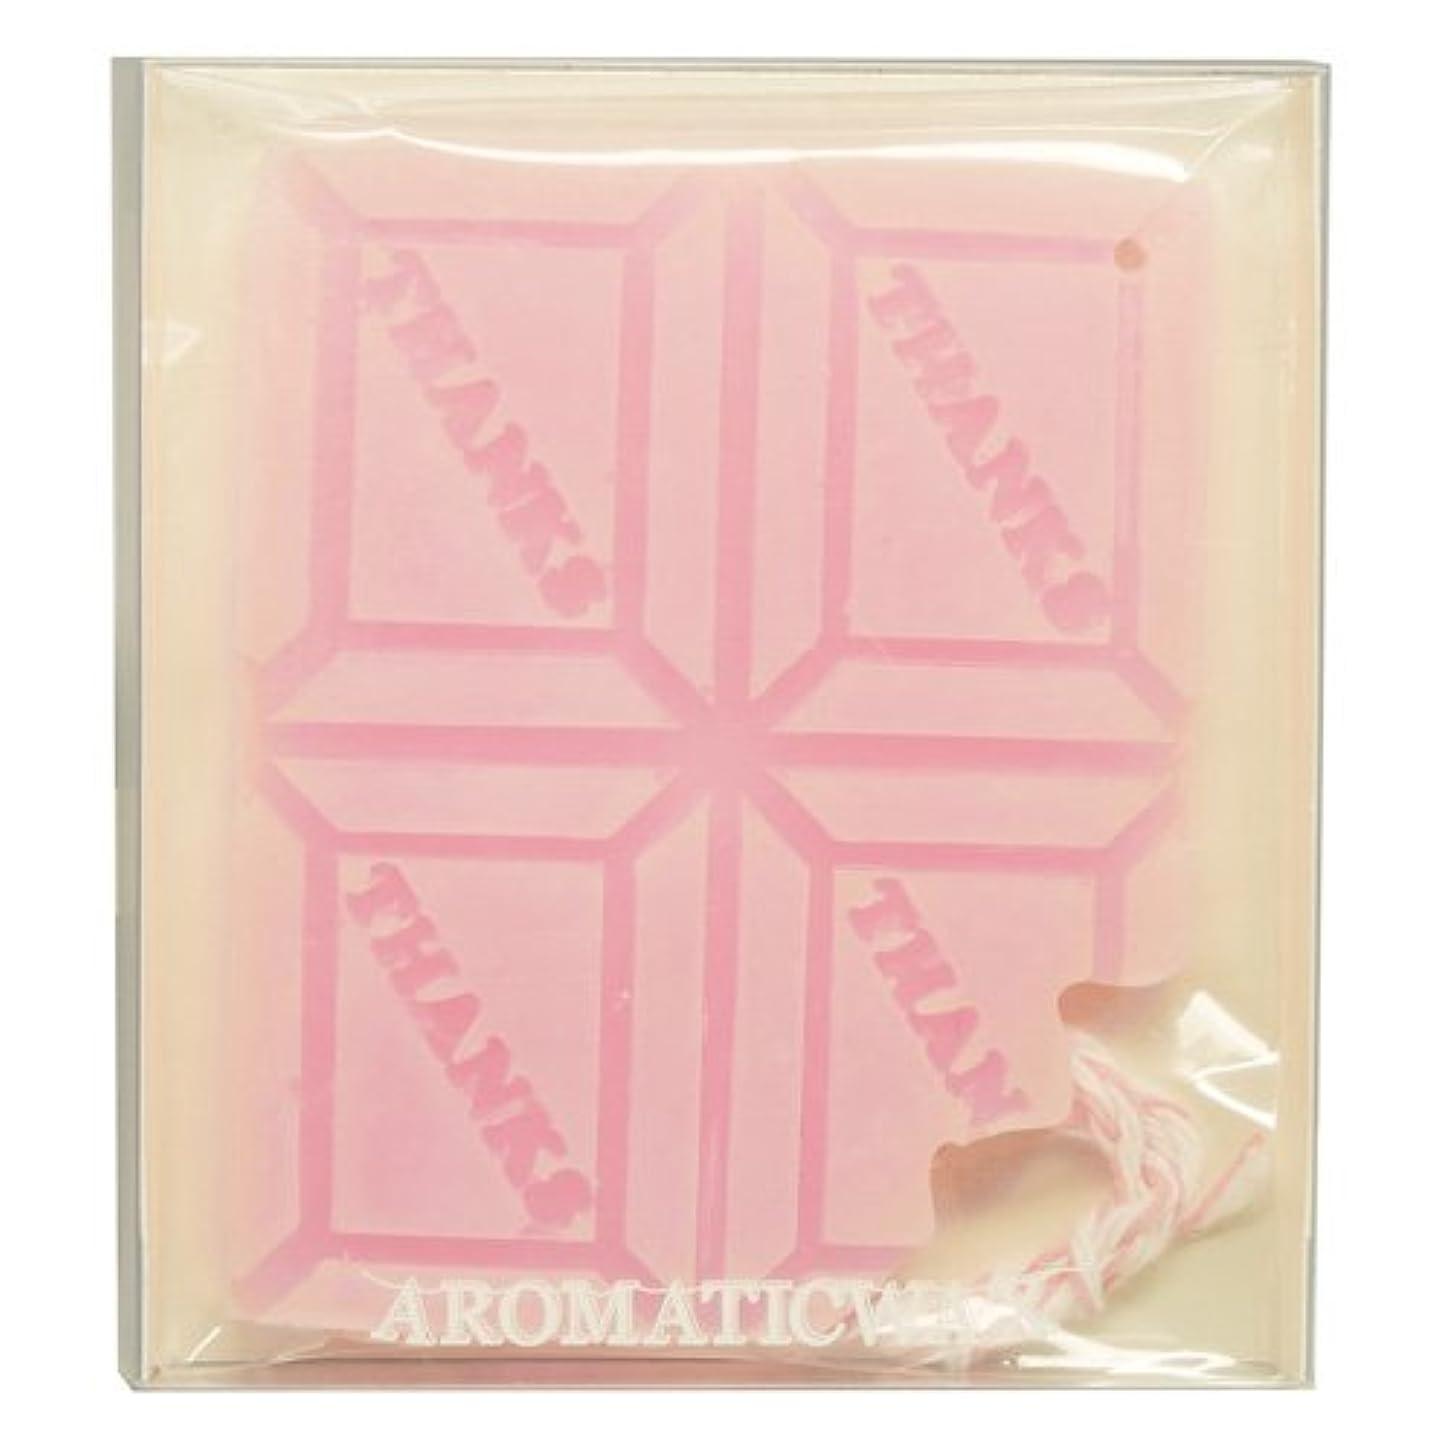 コイン金属修士号GRASSE TOKYO AROMATICWAXチャーム「板チョコ(THANKS)」(PI) ゼラニウム アロマティックワックス グラーストウキョウ